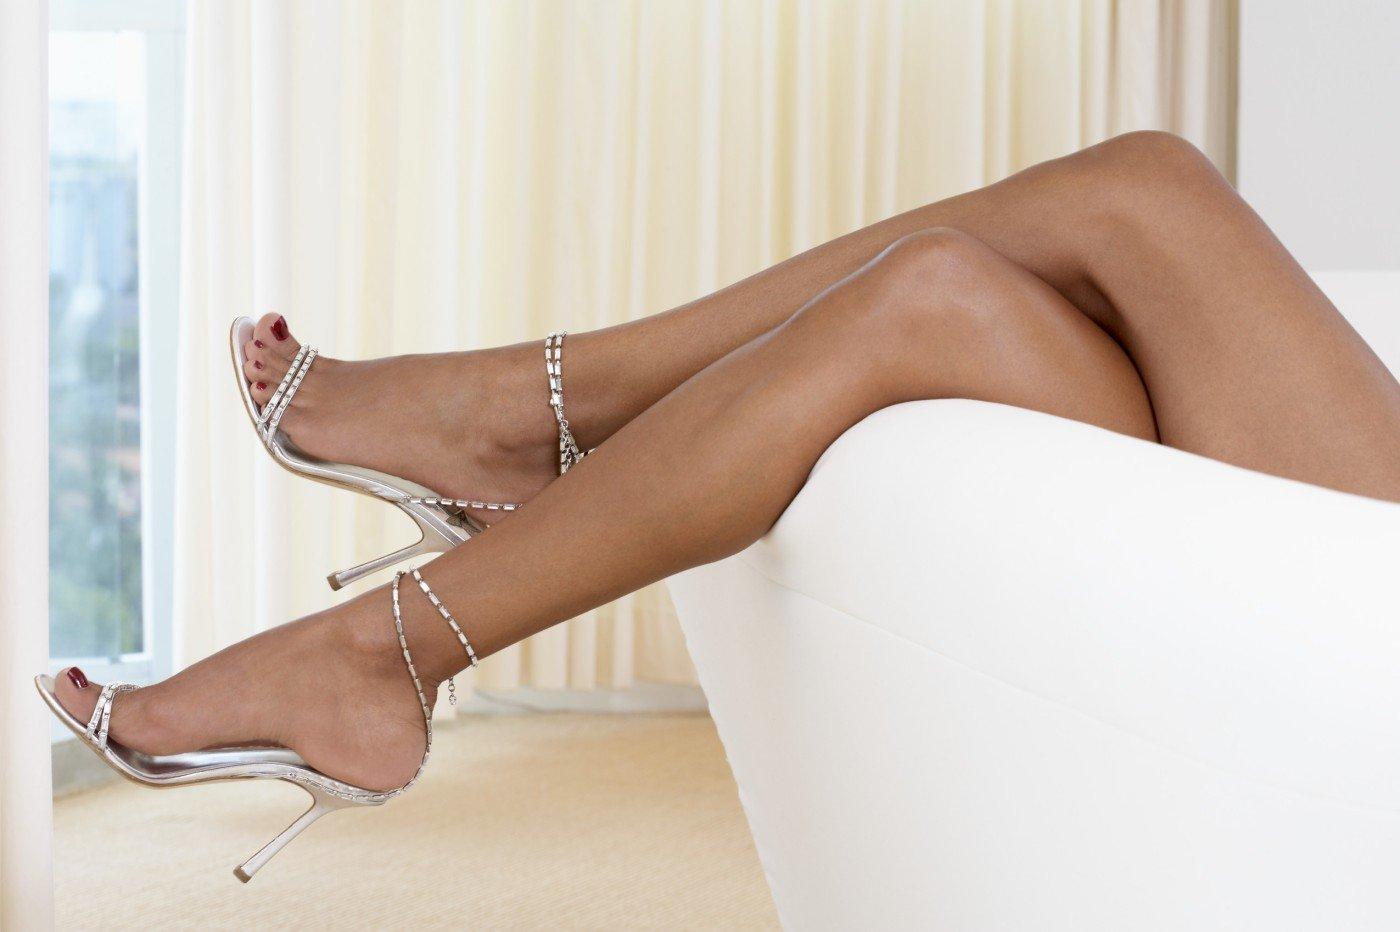 Красивые женские ноги онлайн